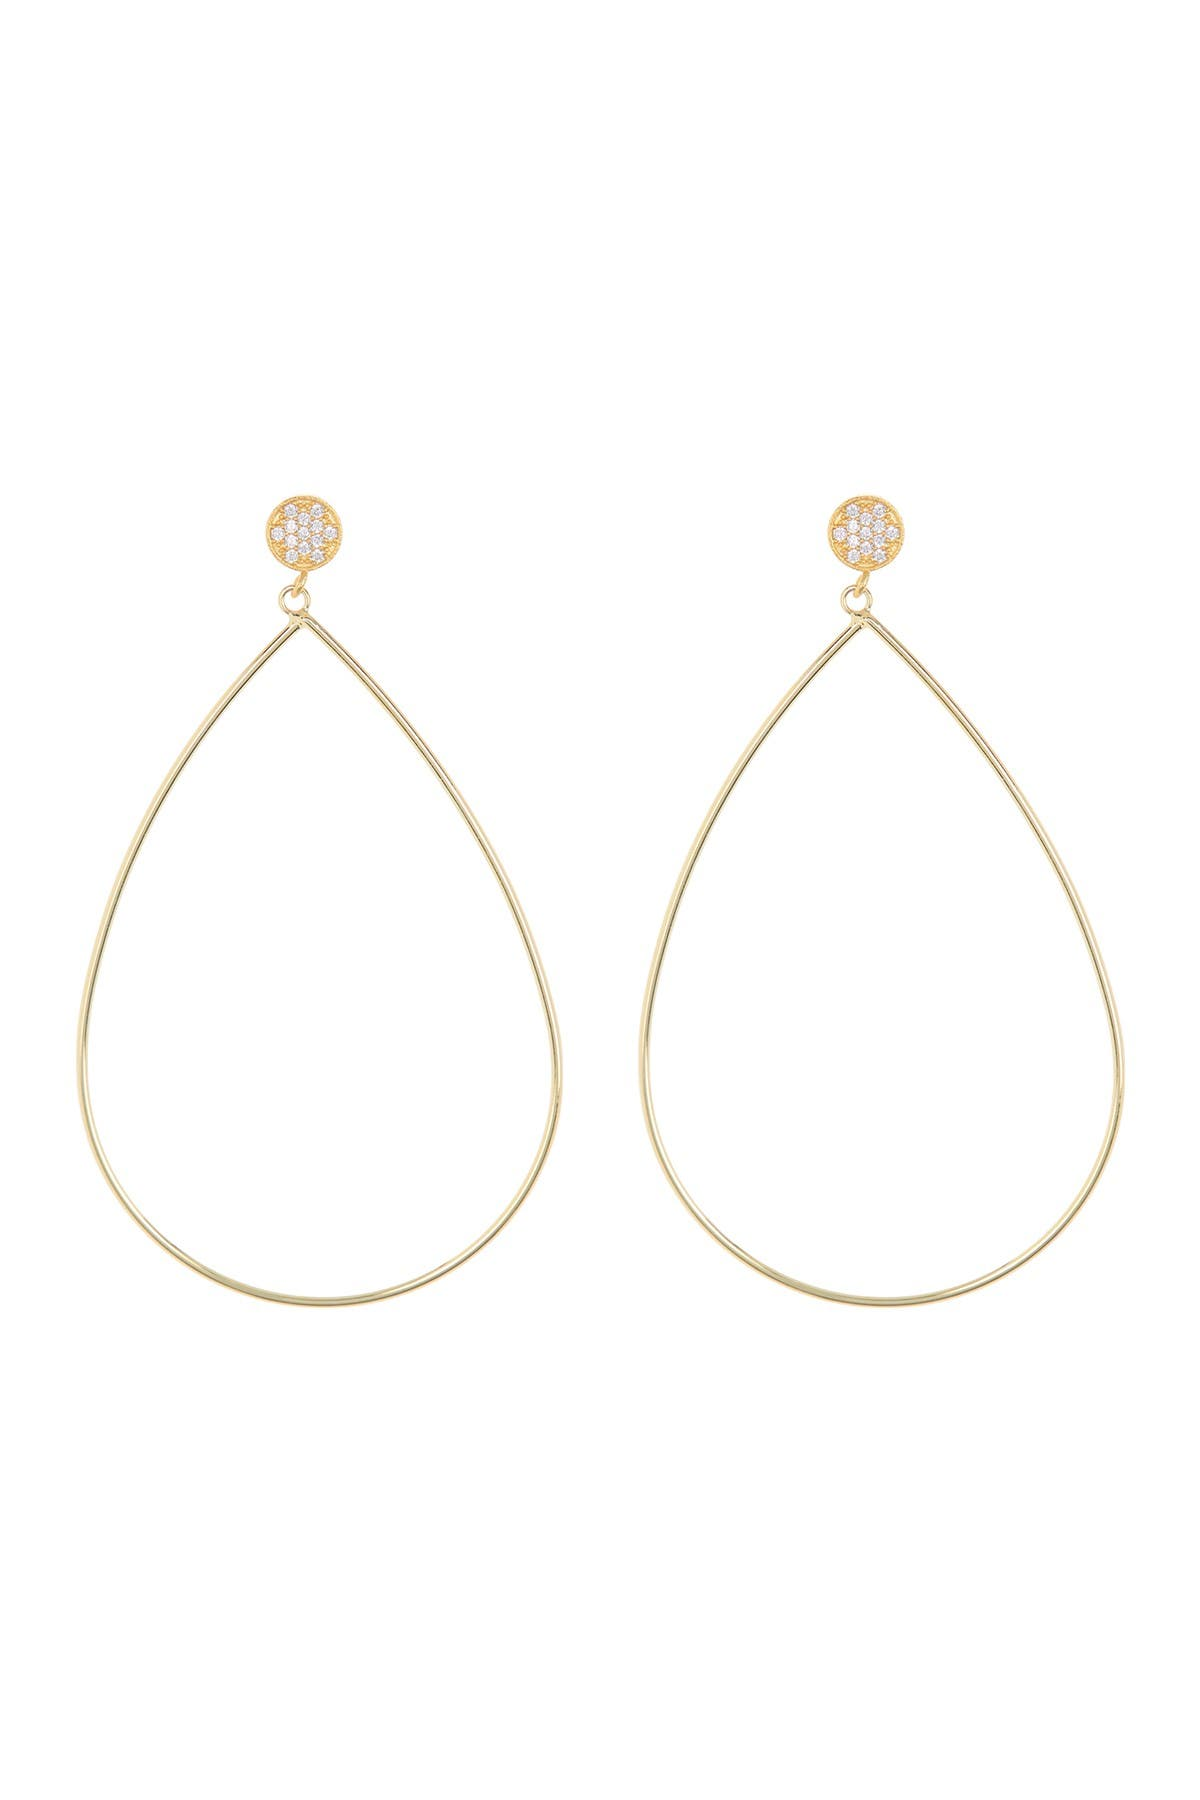 Image of Rivka Friedman 18K Gold Clad CZ Accent Wire Teardrop Earrings